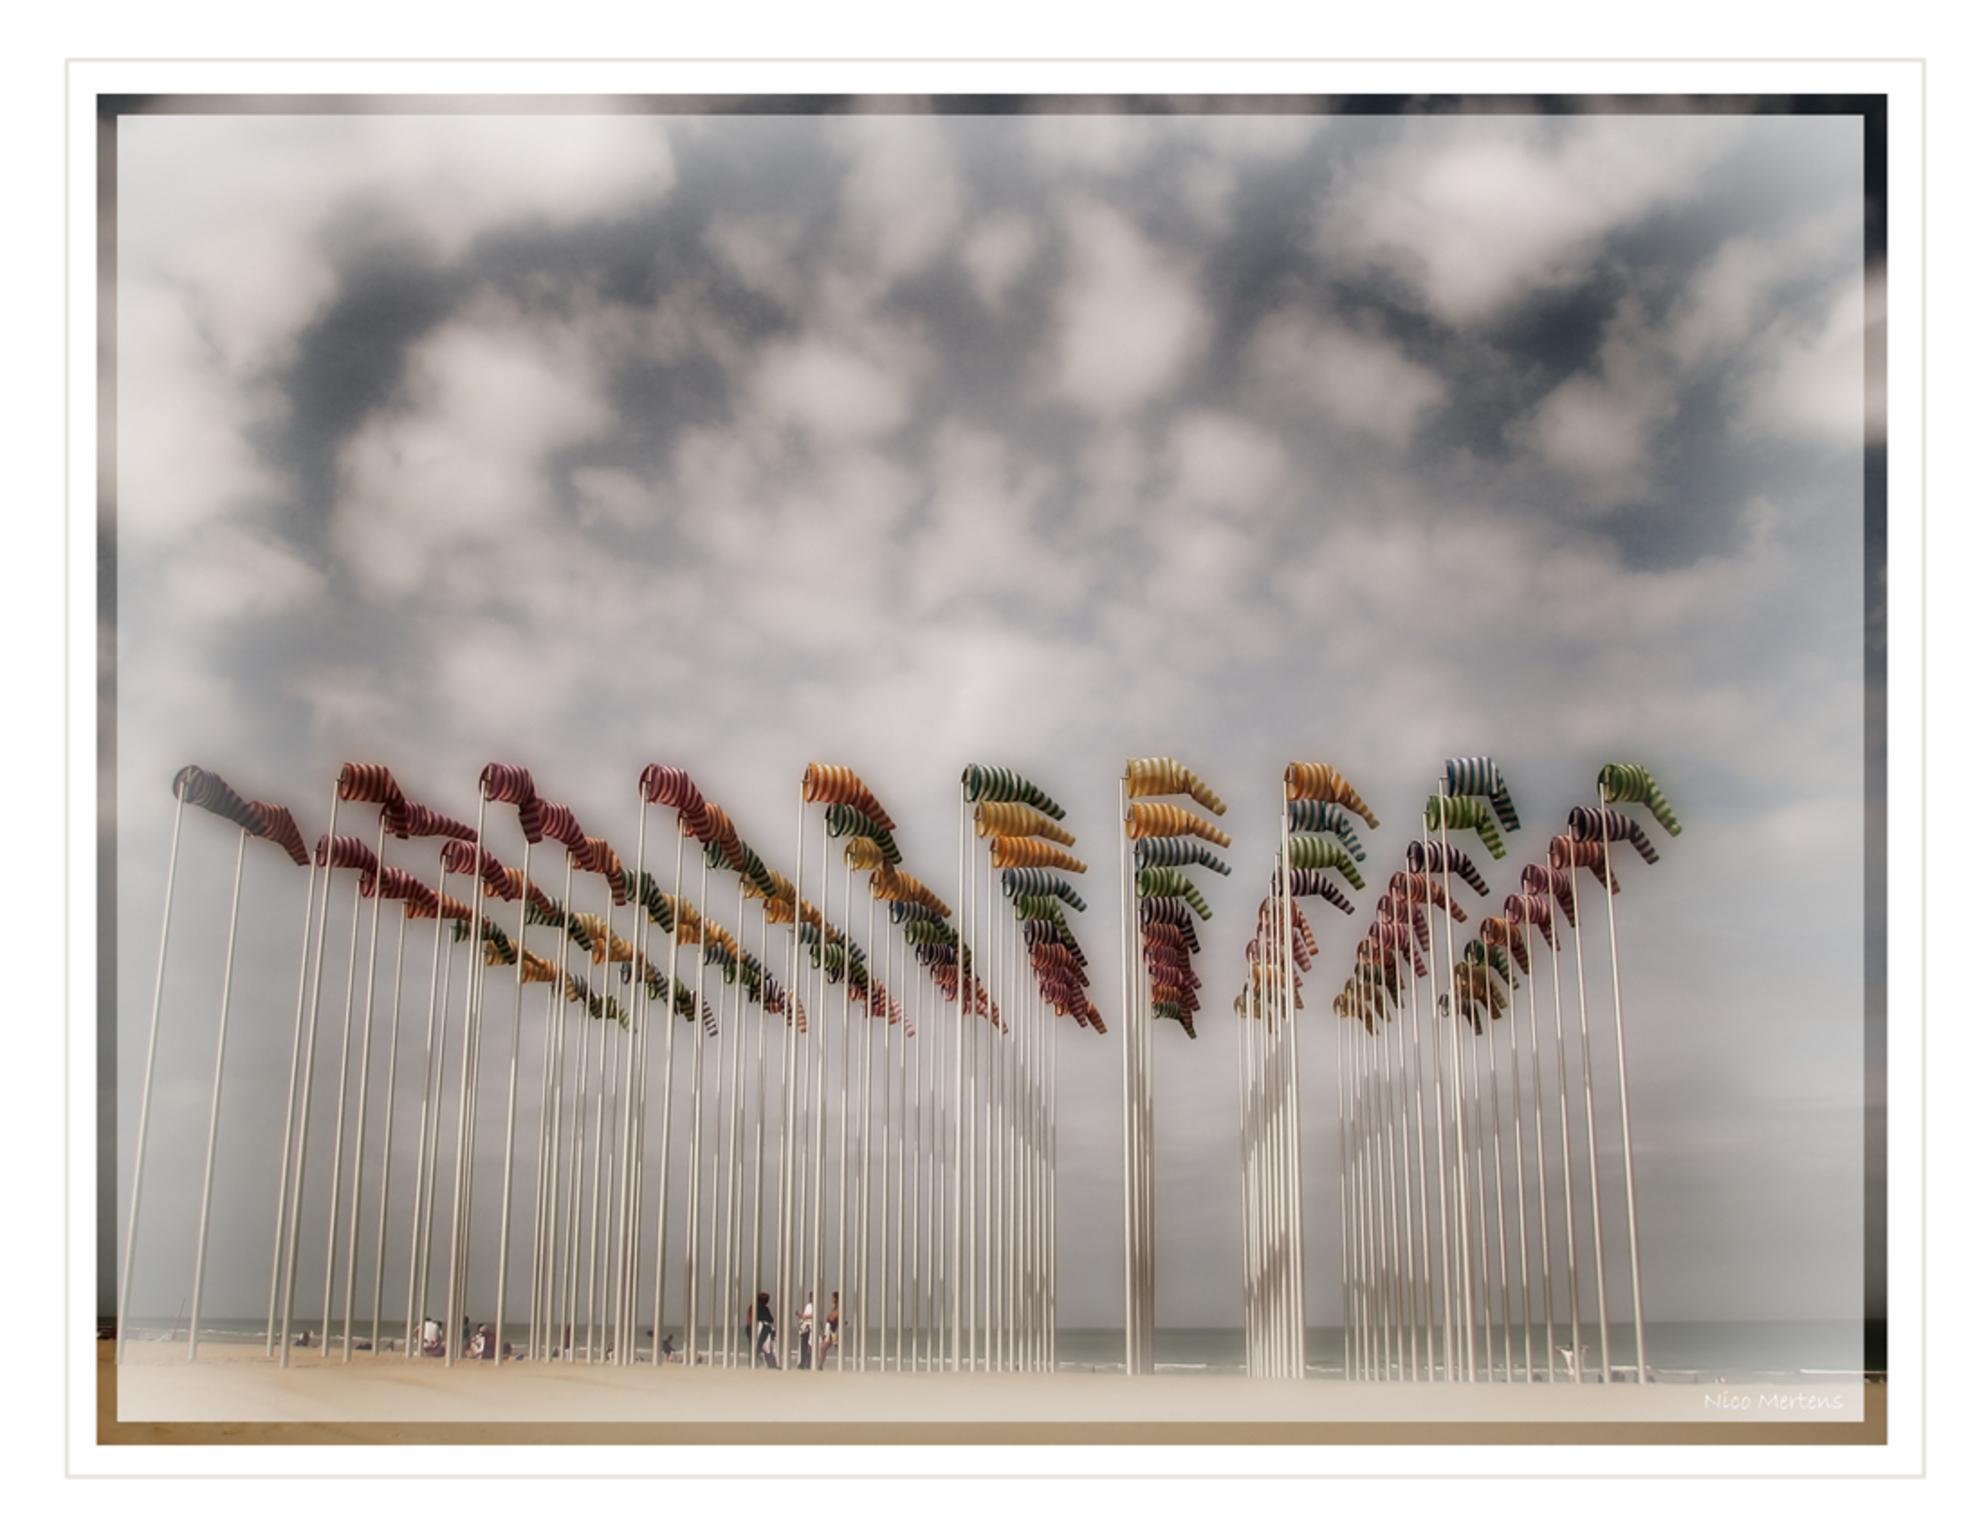 Kunst aan Zee2!! - Hallo... Deze foto is van hetzelfde kunstwerk als de vorige foto, maar hier krijg je een totaalbeeld... dit kunstwerk vind je op het strand van Den - foto door smeagol op 12-05-2009 - deze foto bevat: strand, zee, kunst, den, aan, haan, s5, smeagol - Deze foto mag gebruikt worden in een Zoom.nl publicatie